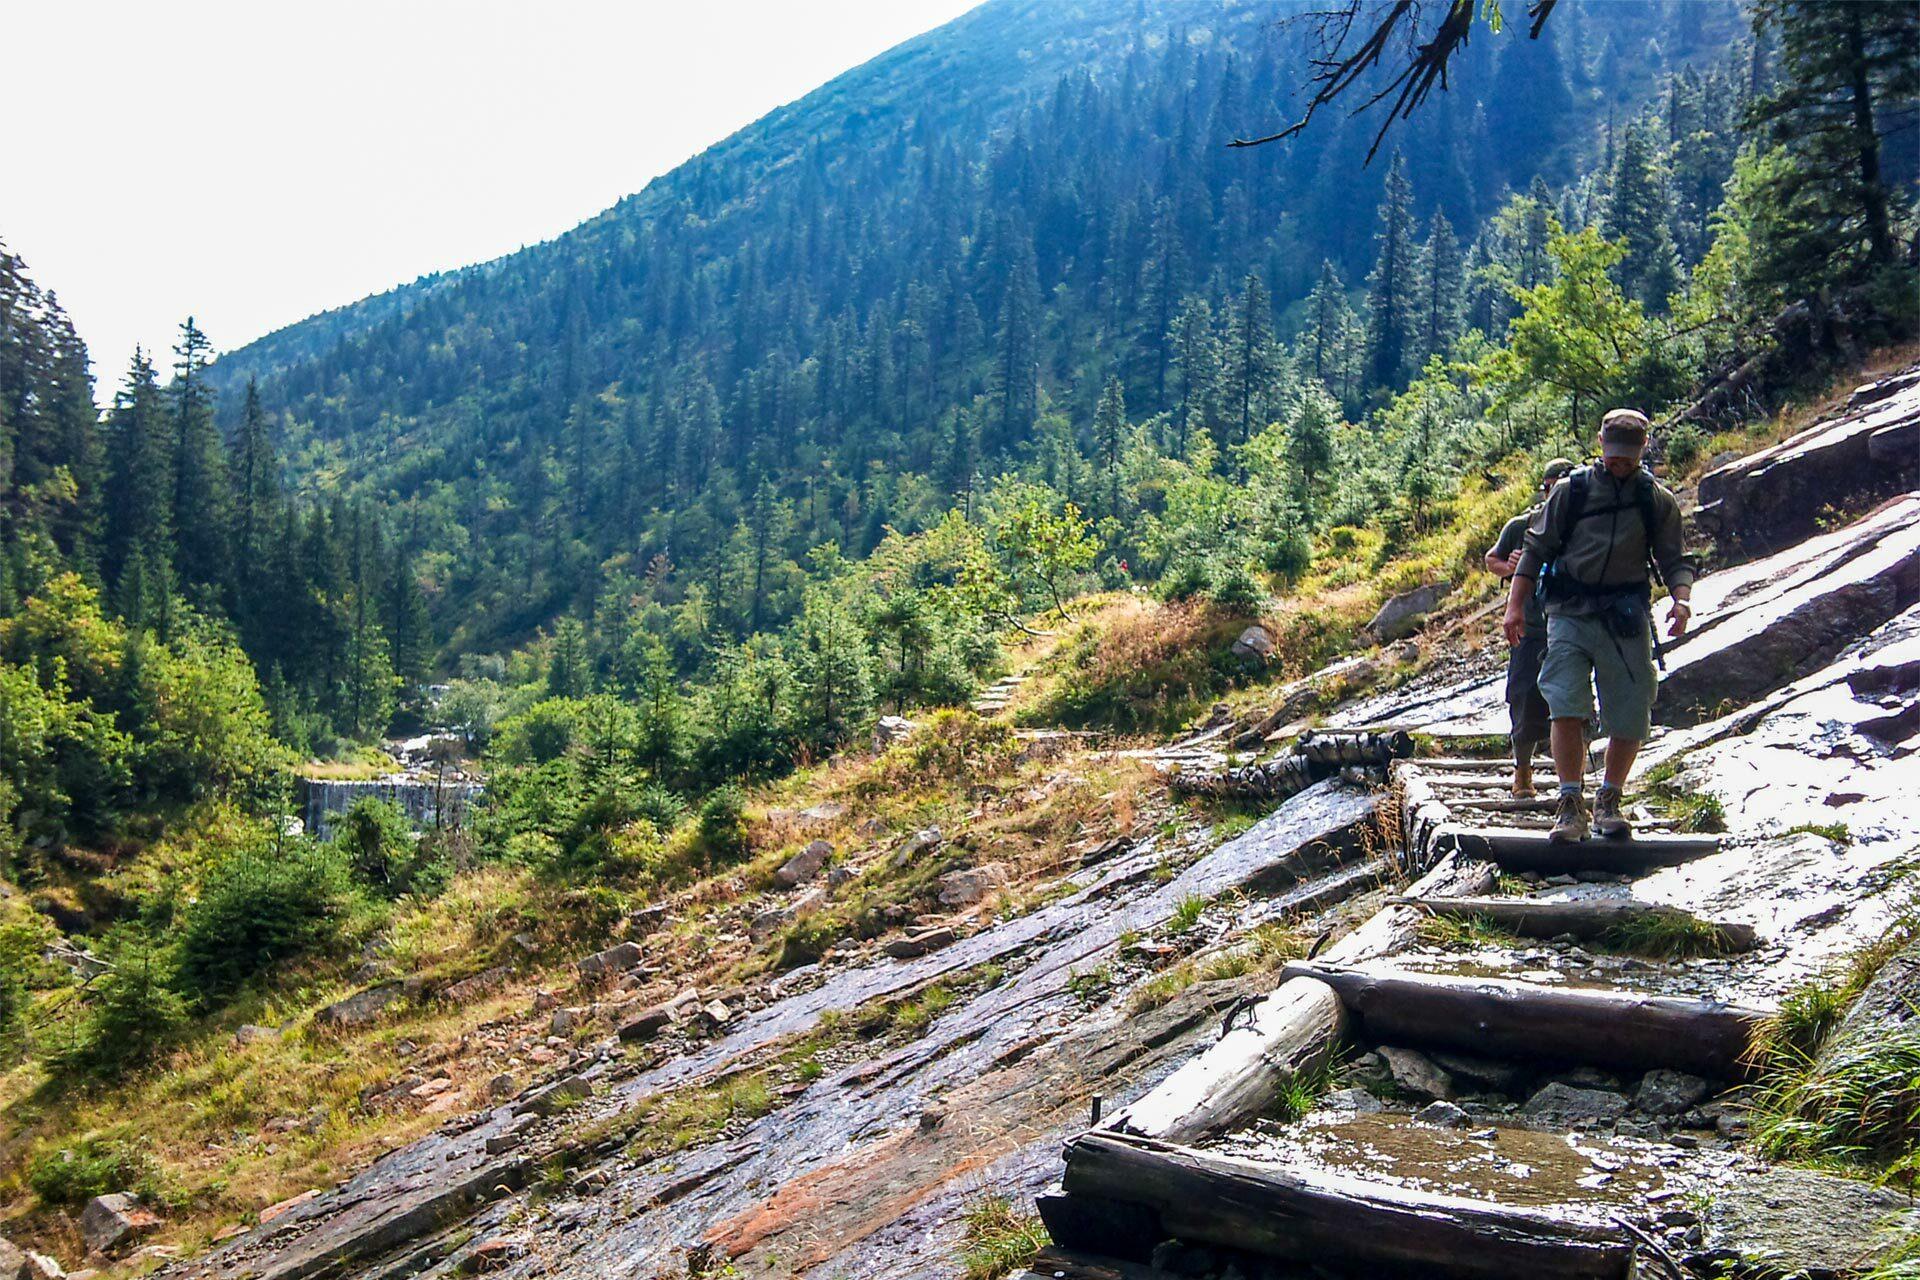 Über Stock und Stein, ein kleines Liedchen auf den Lippen, ja das ist das Leben eines Wandersmanns.